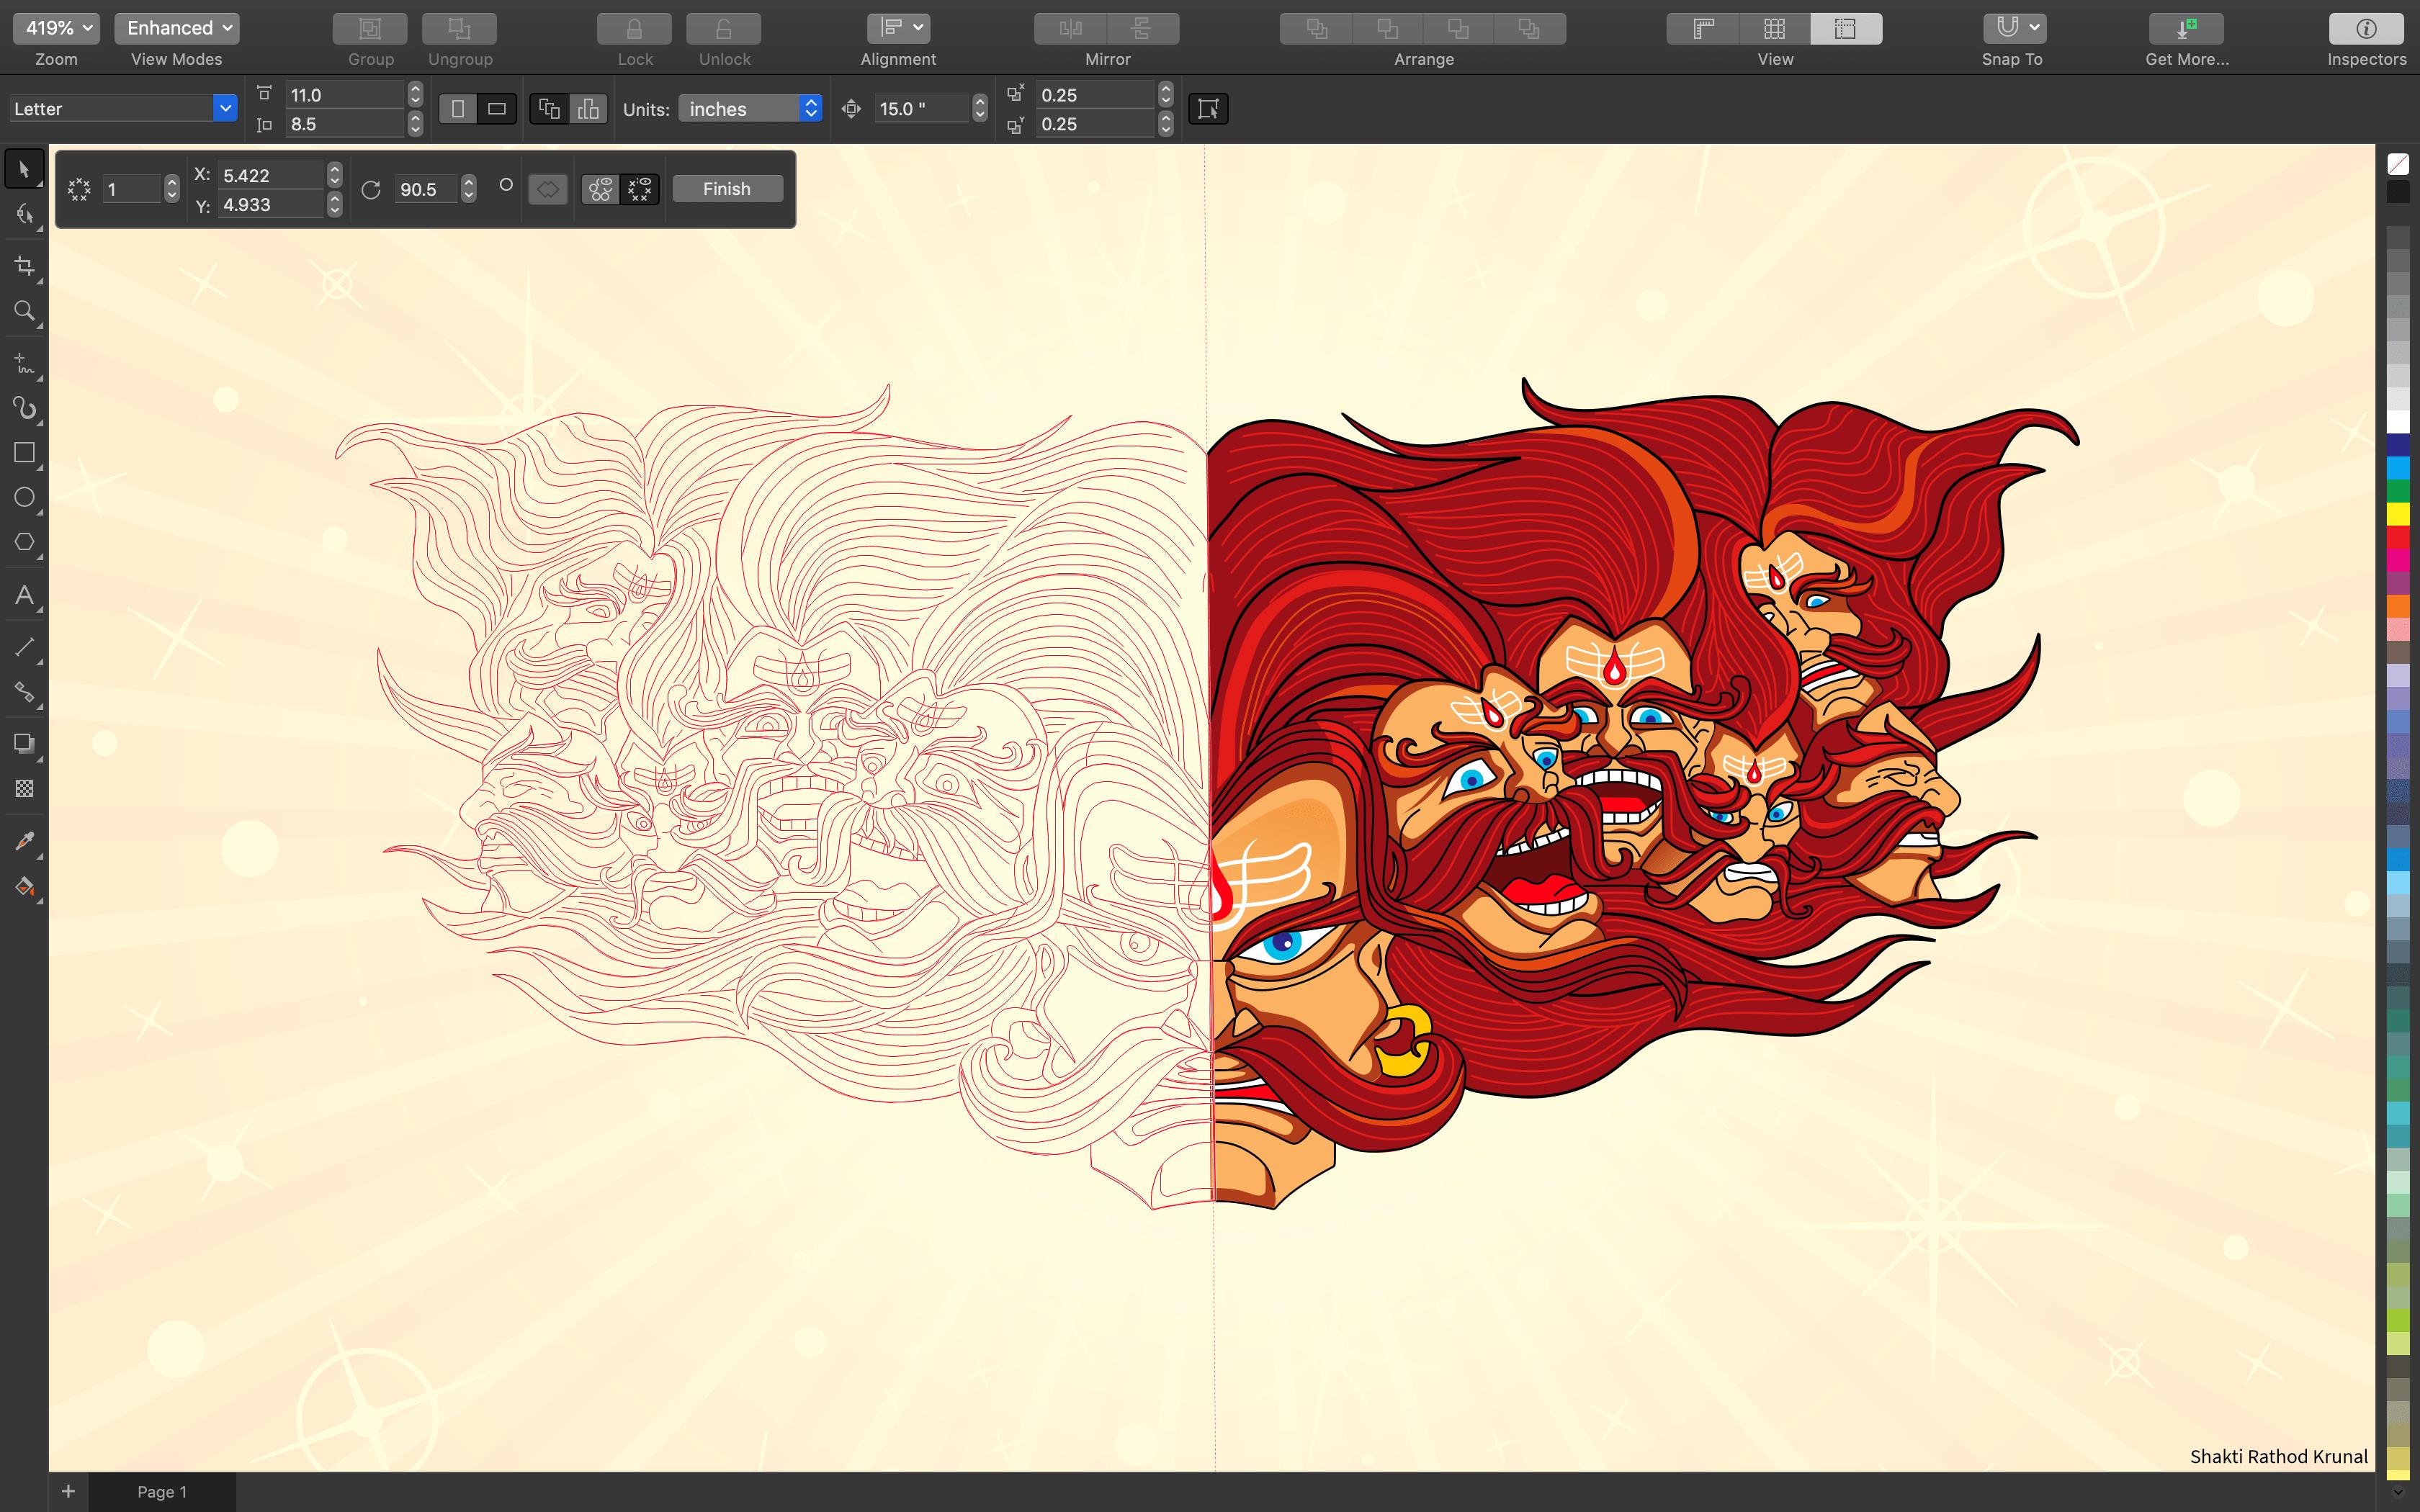 Work in progress illustration on CorelDRAW of a series of bearded man heads